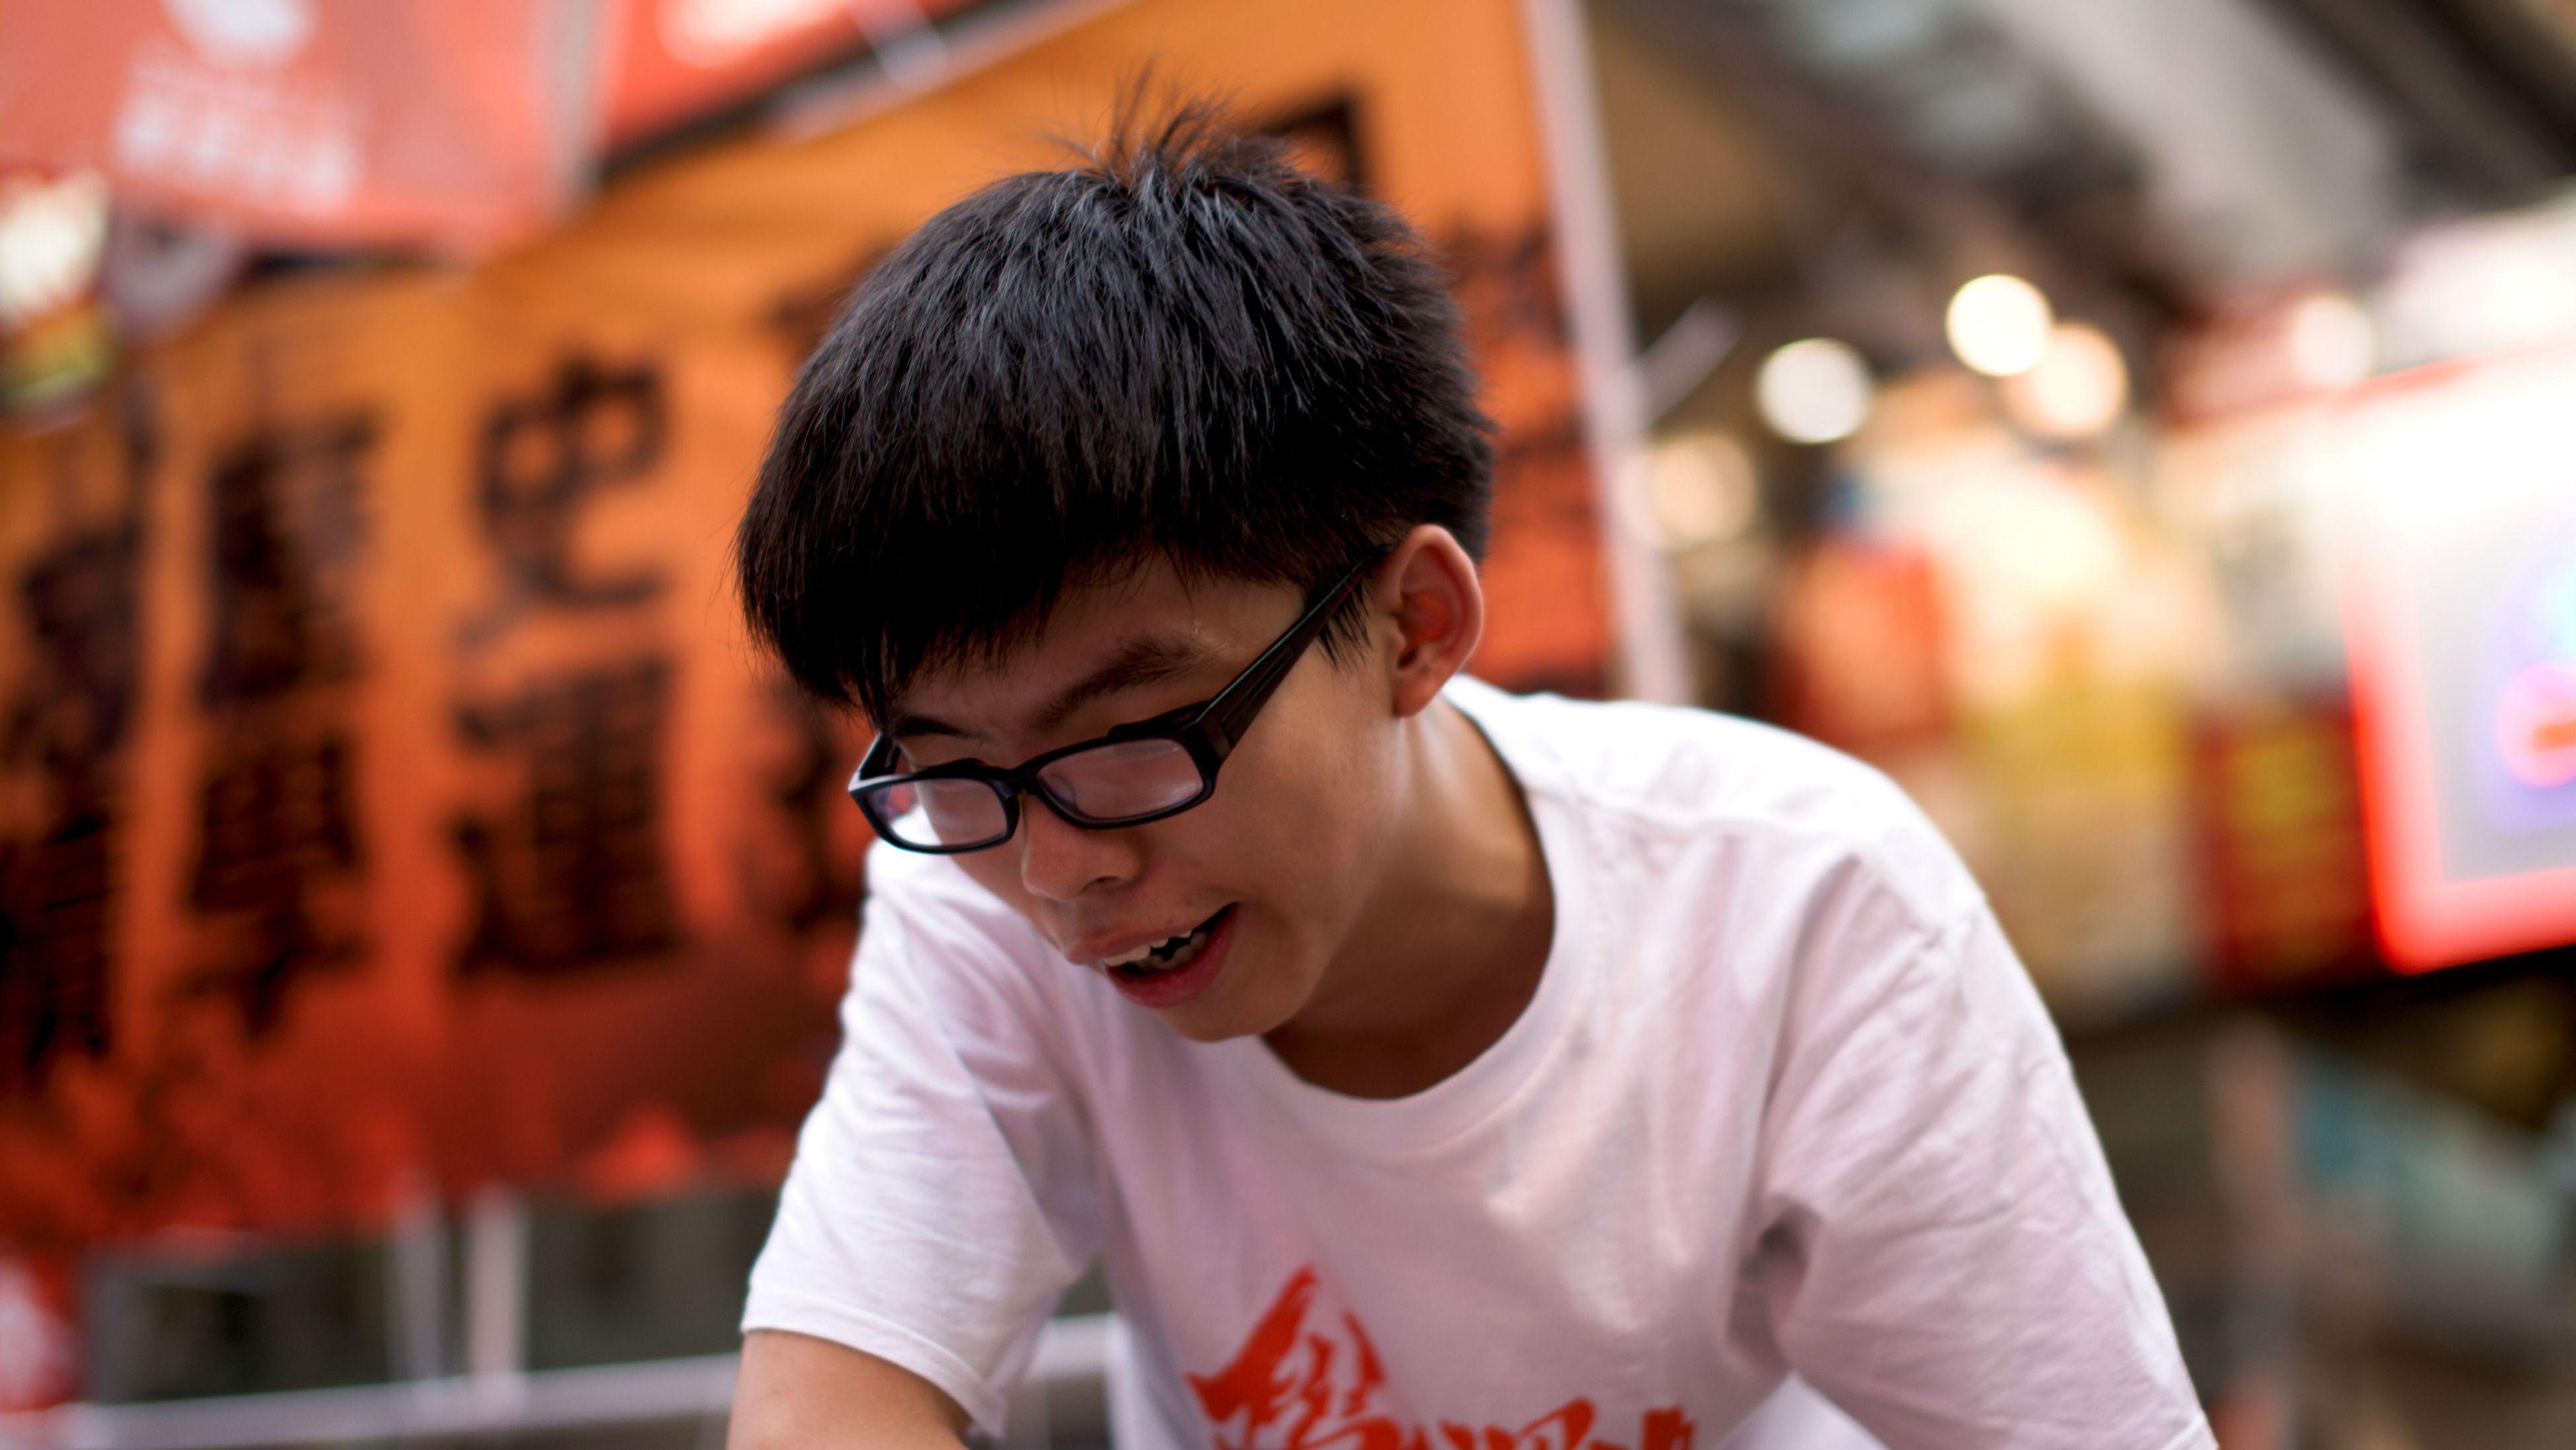 joshua wong hong kong china protests demonstrations umbrella democracy universal suffrage